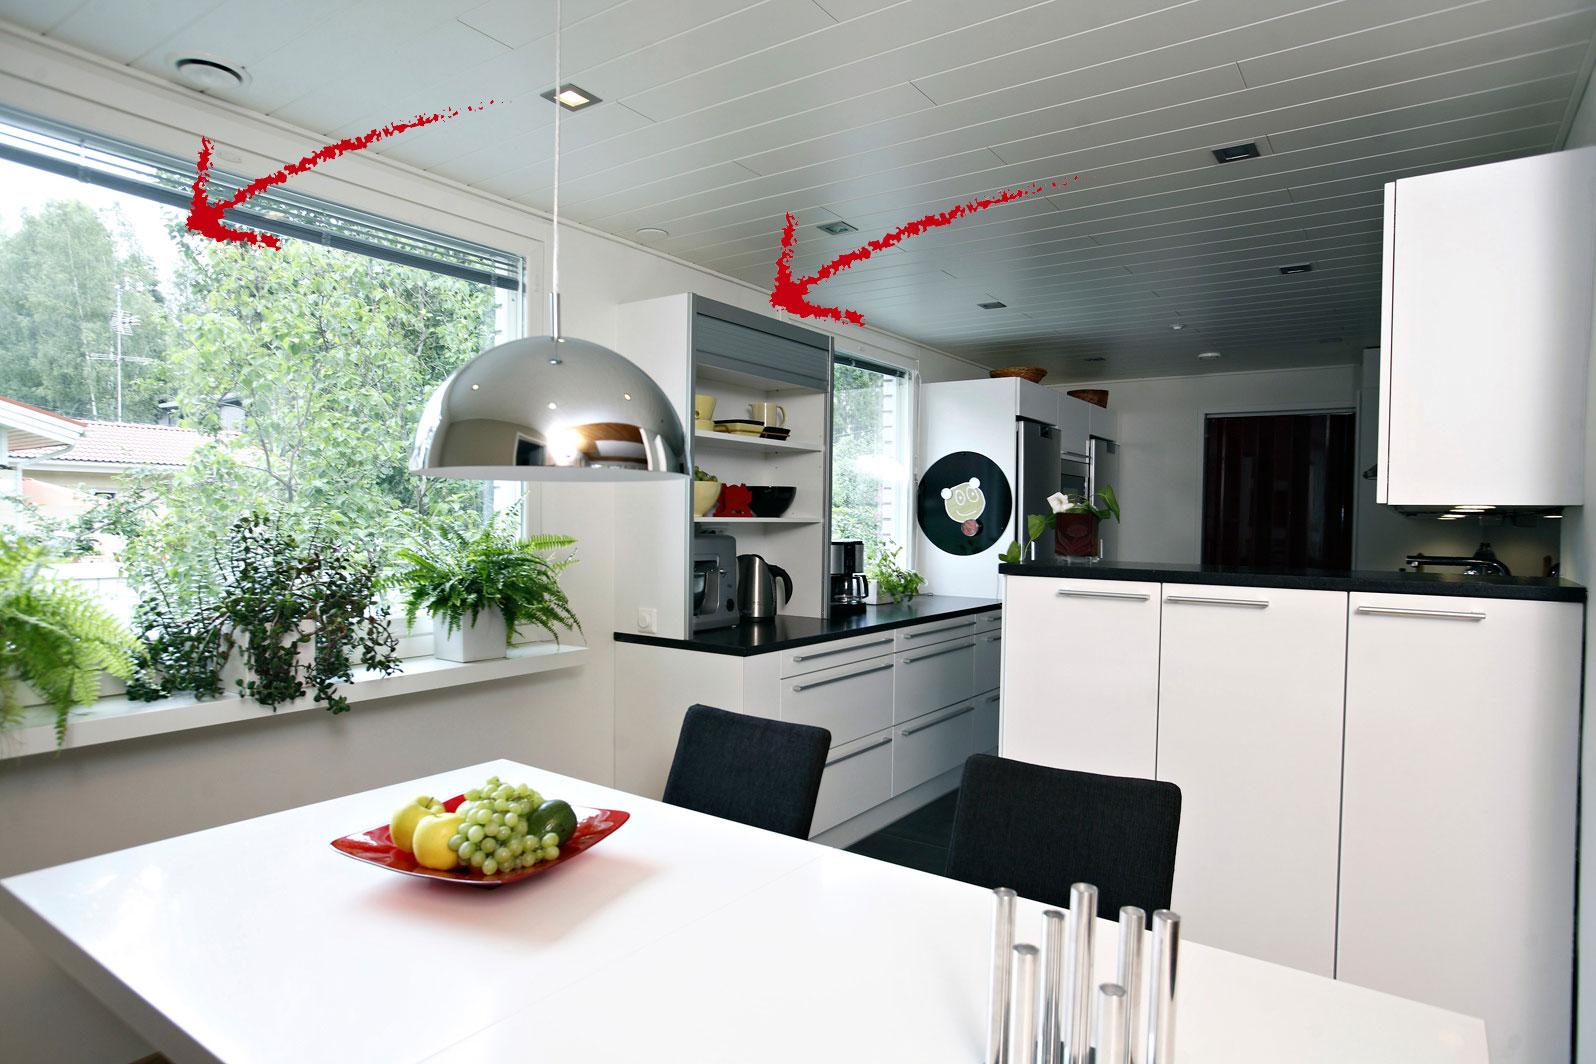 Keittiöremontin tuloksena siisti keittiö  Suomela  Jotta asuminen olisi muk